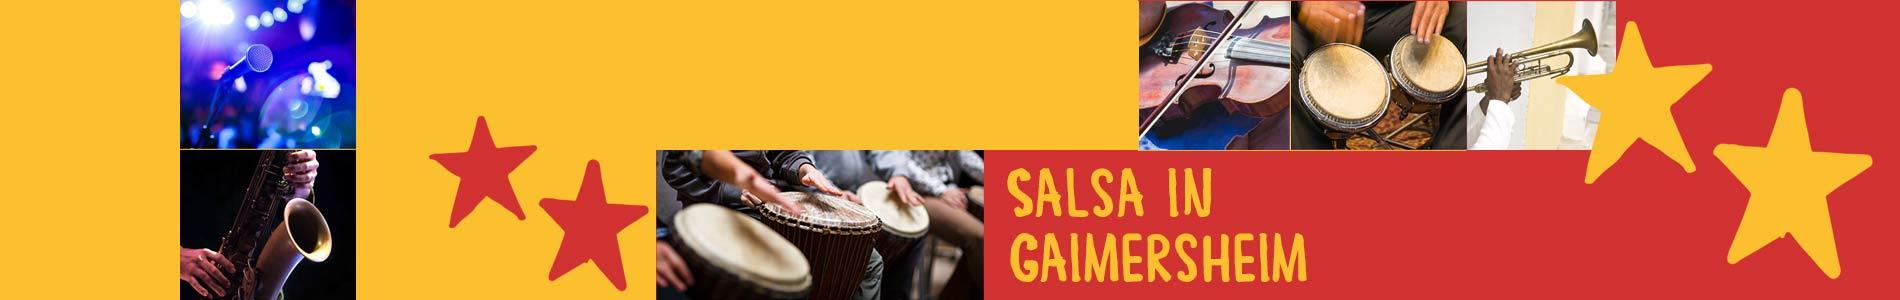 Salsa in Gaimersheim – Salsa lernen und tanzen, Tanzkurse, Partys, Veranstaltungen